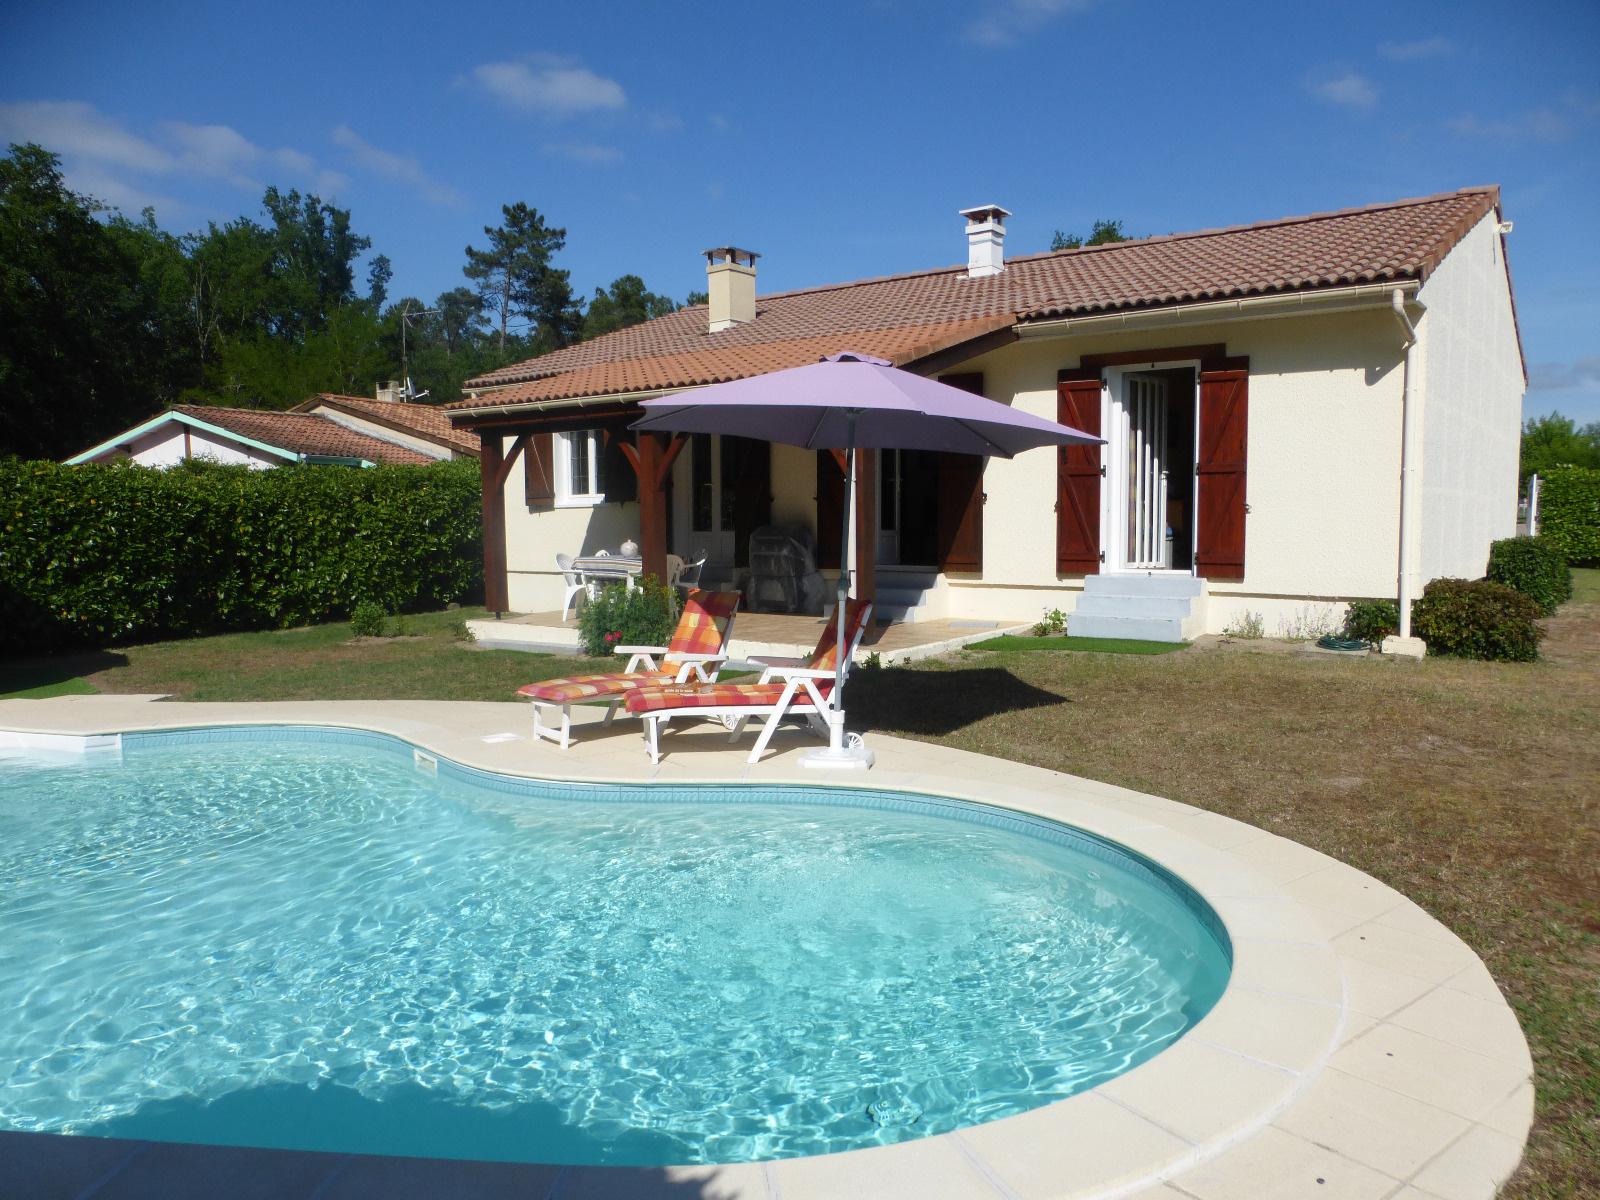 R sultat de votre recherche avec marboutin immobilier for Casteljaloux piscine